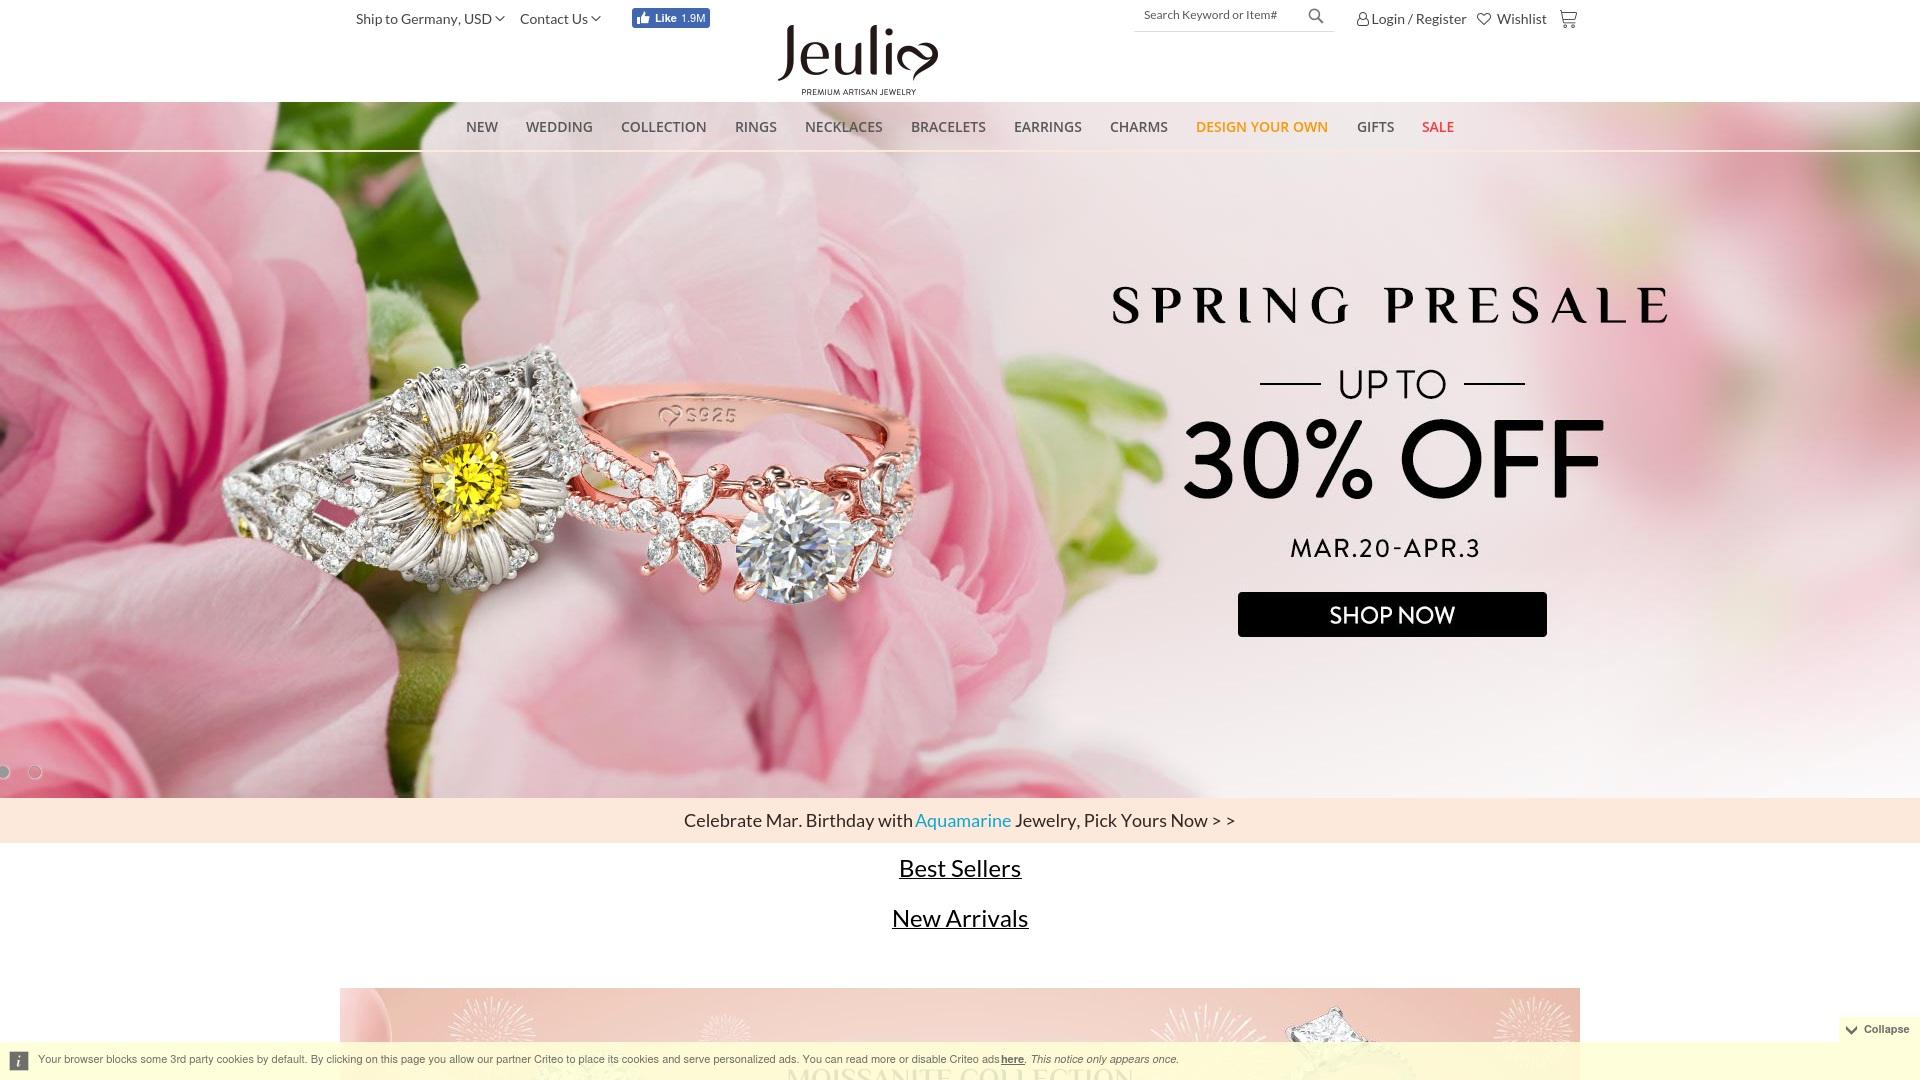 Geld zurück bei Jeulia: Jetzt im Oktober 2021 Cashback für Jeulia sichern